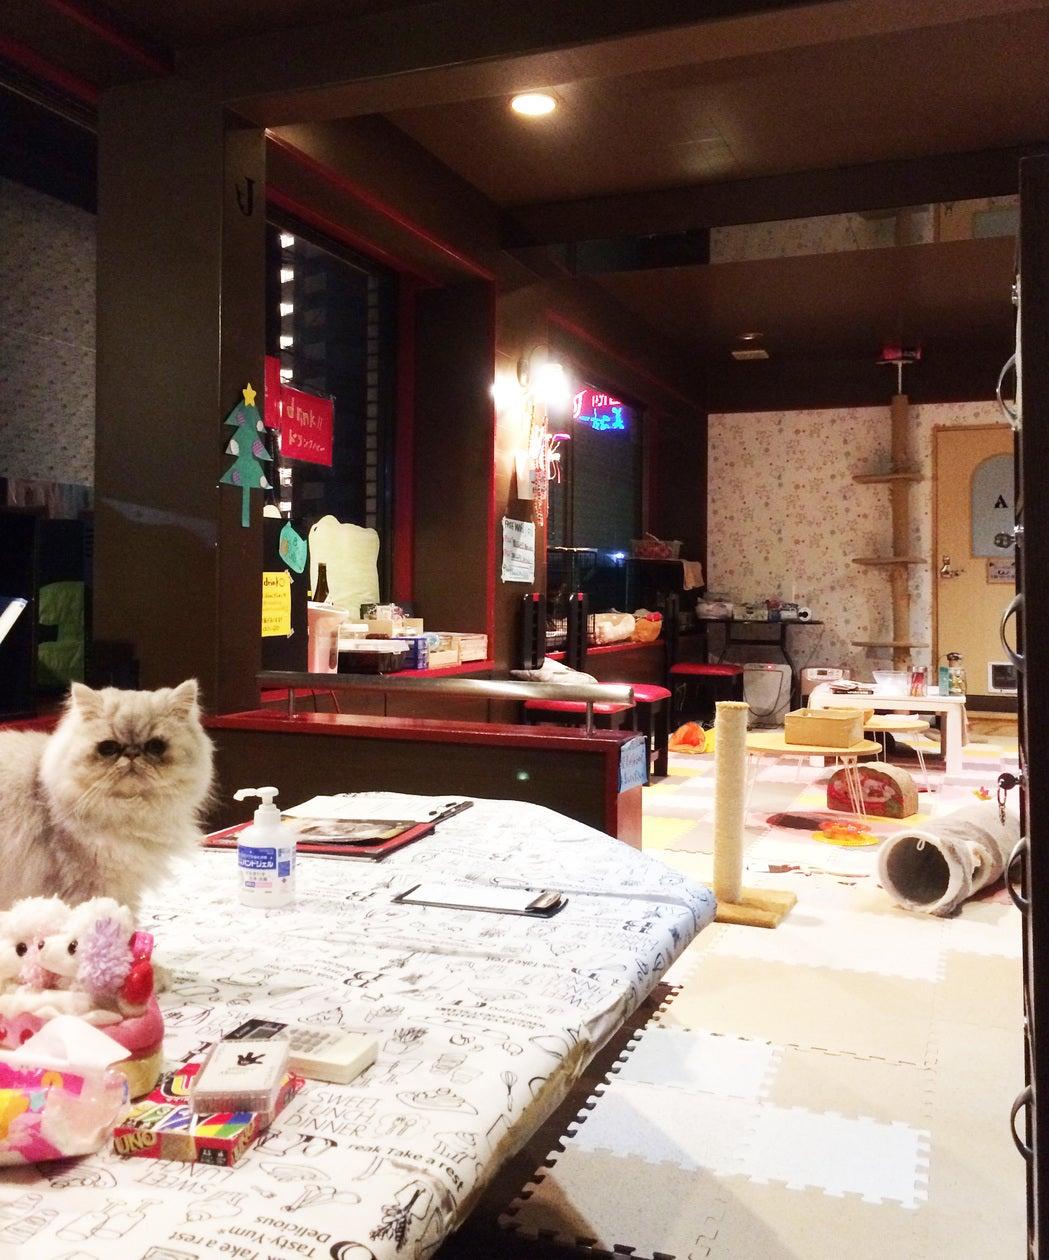 猫つき癒し空間(スタッフ1名付)(猫カフェまるごとレンタル(会議やパーティにも) 別府駅前) の写真0